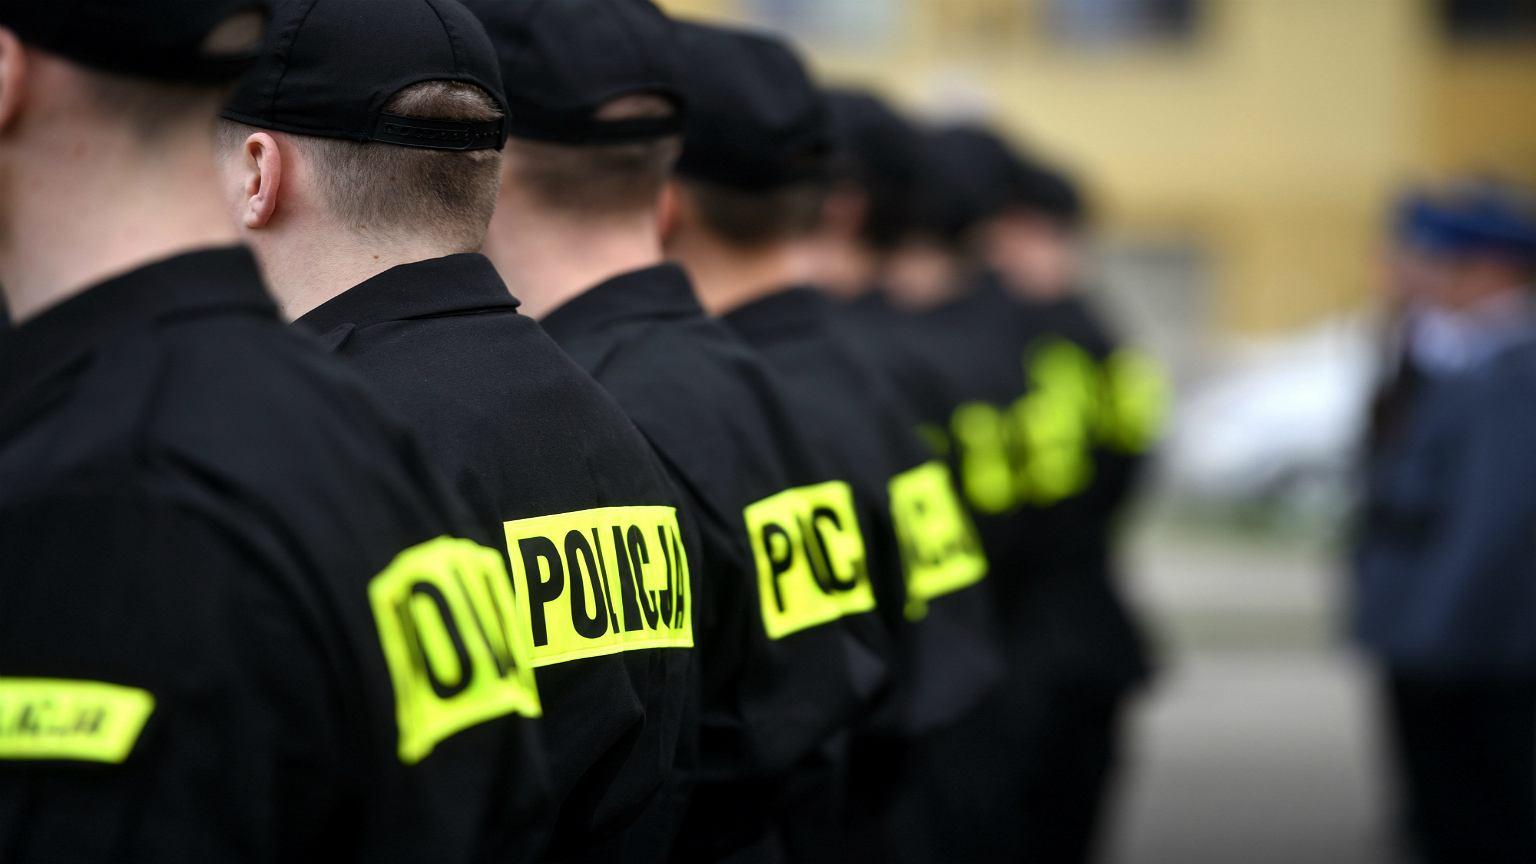 af7166d240b7d7 Kandydaci na policjantów są w szoku, gdy okazuje się, że w policji ...